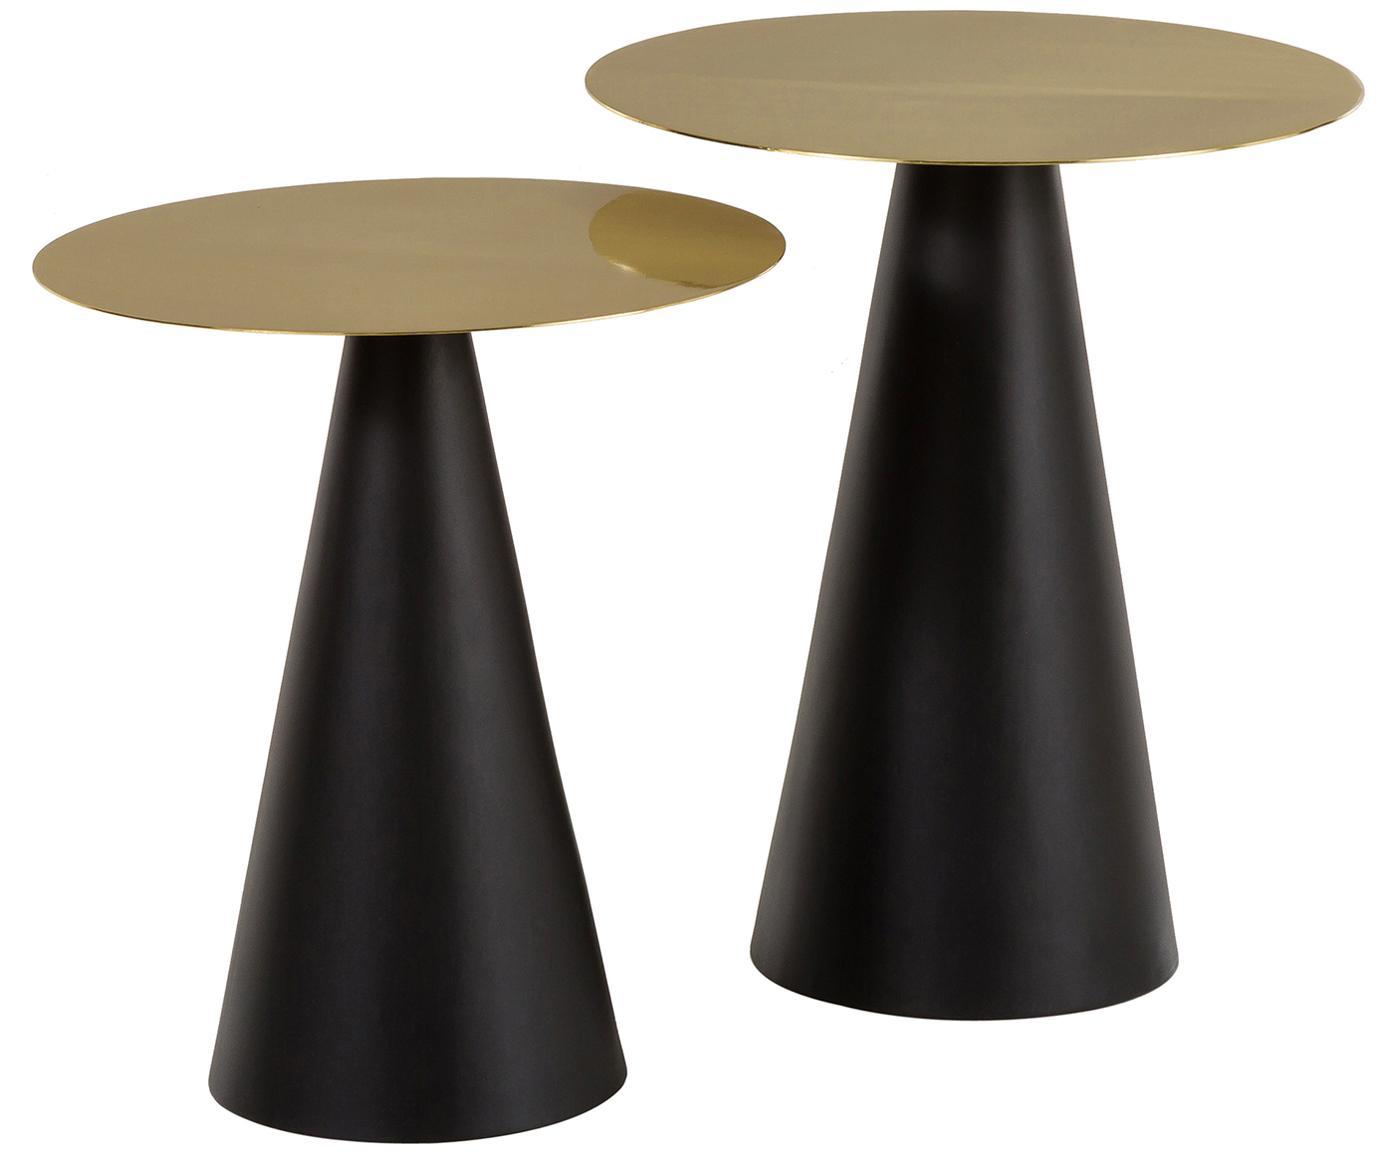 Set de mesas auxiliares Zelda, 2uds., Tablero: metal recubierto, Estructura: metal, pintura en polvo, Dorado, negro, Tamaños diferentes